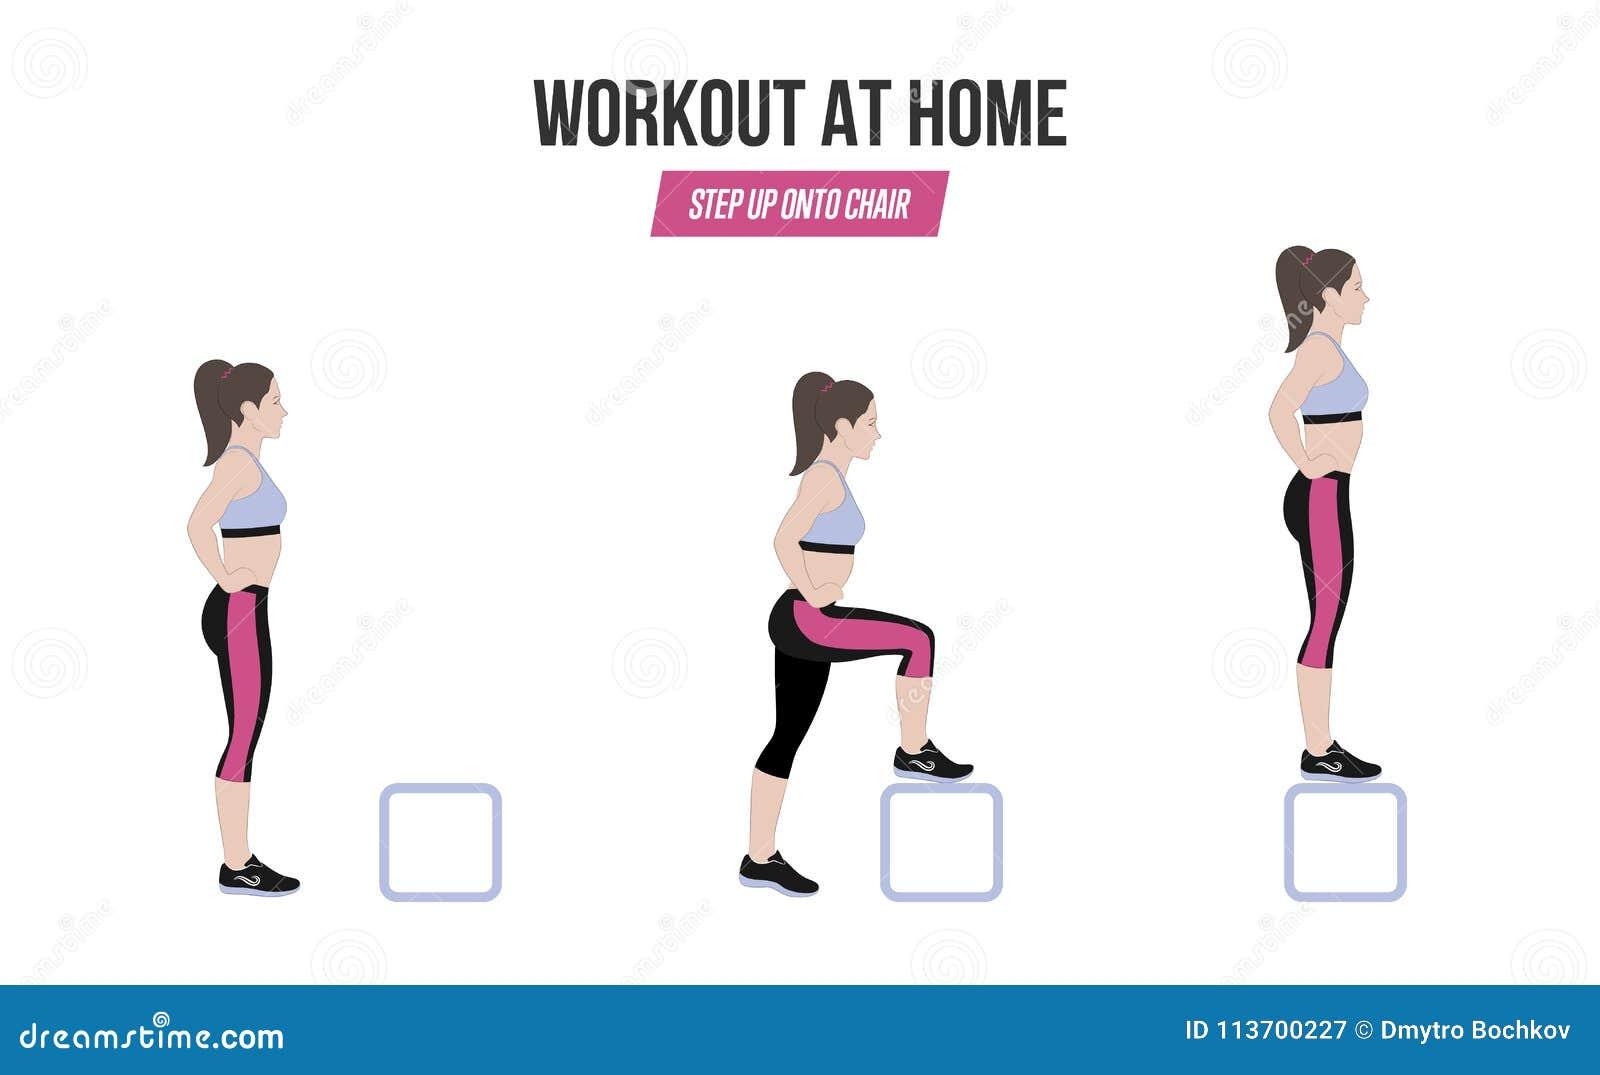 Beste Atletische Oefeningen Oefening Thuis Voer Op Chiar Illustratie Van DN-71